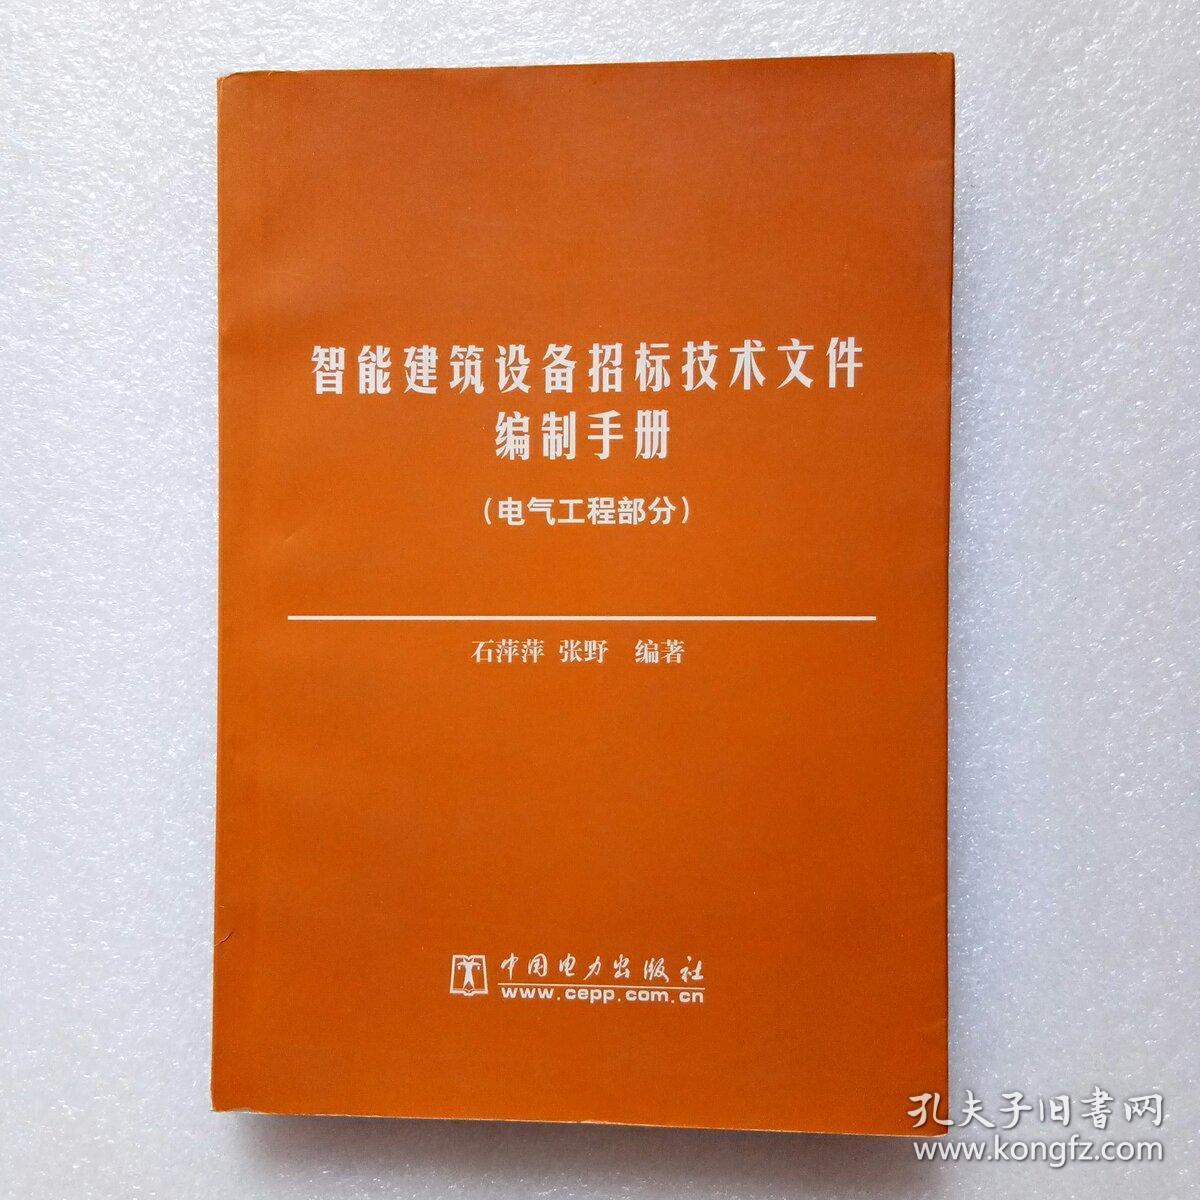 智能建筑设备招标技术文件编制手册.电气工程部分(正版,现货)